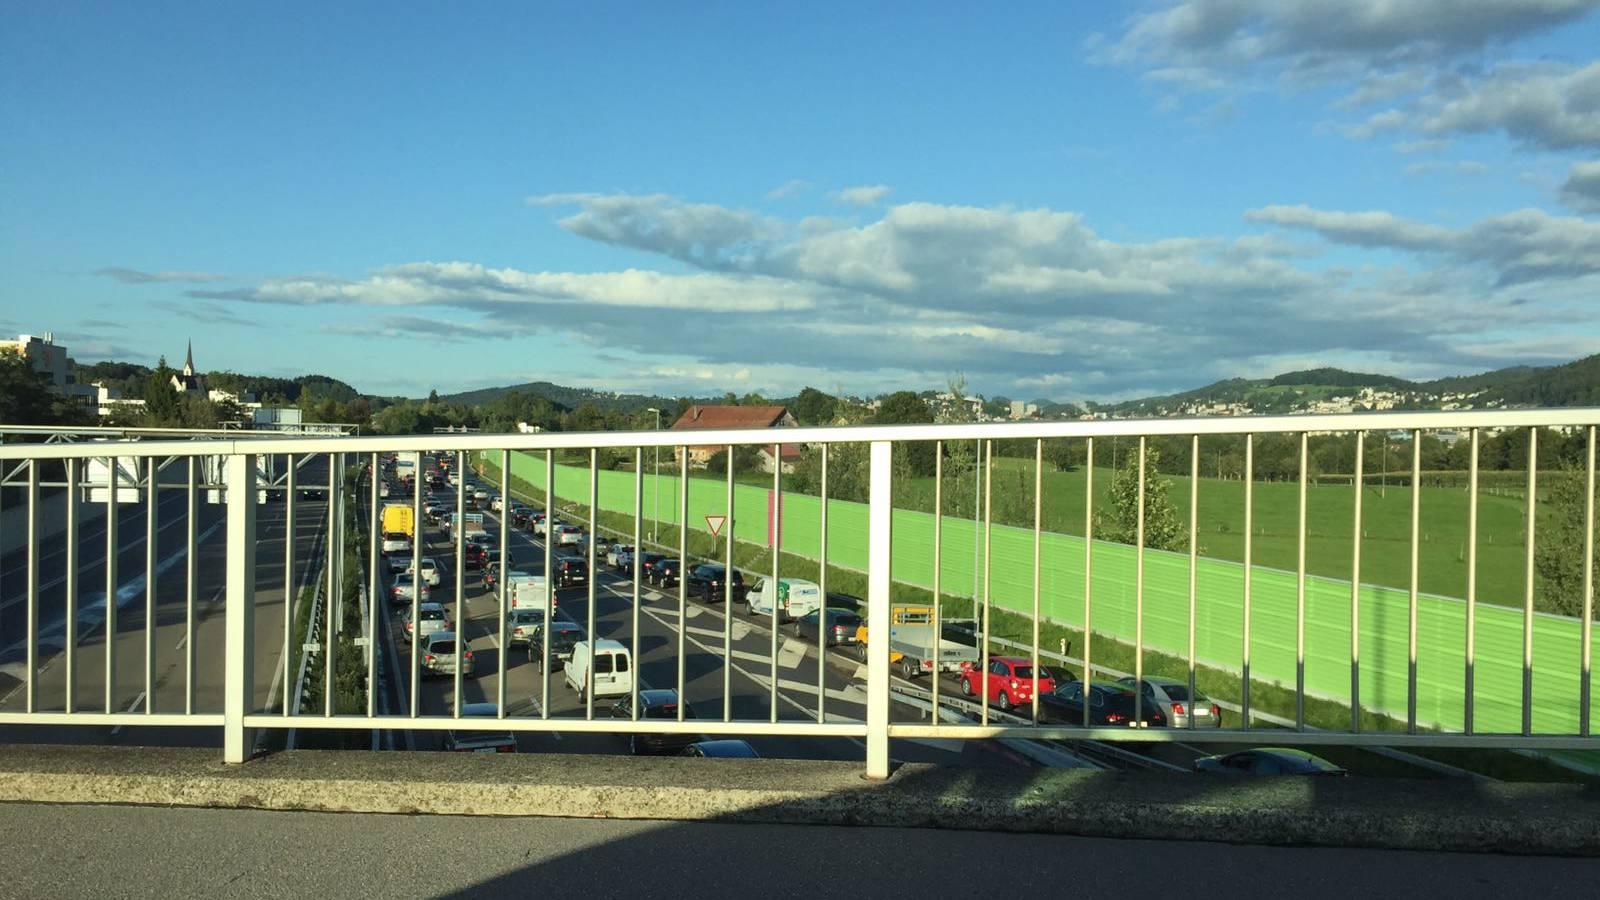 Autofahrer müssen sich auf der A1 in Richtung St.Margrethen gedulden.